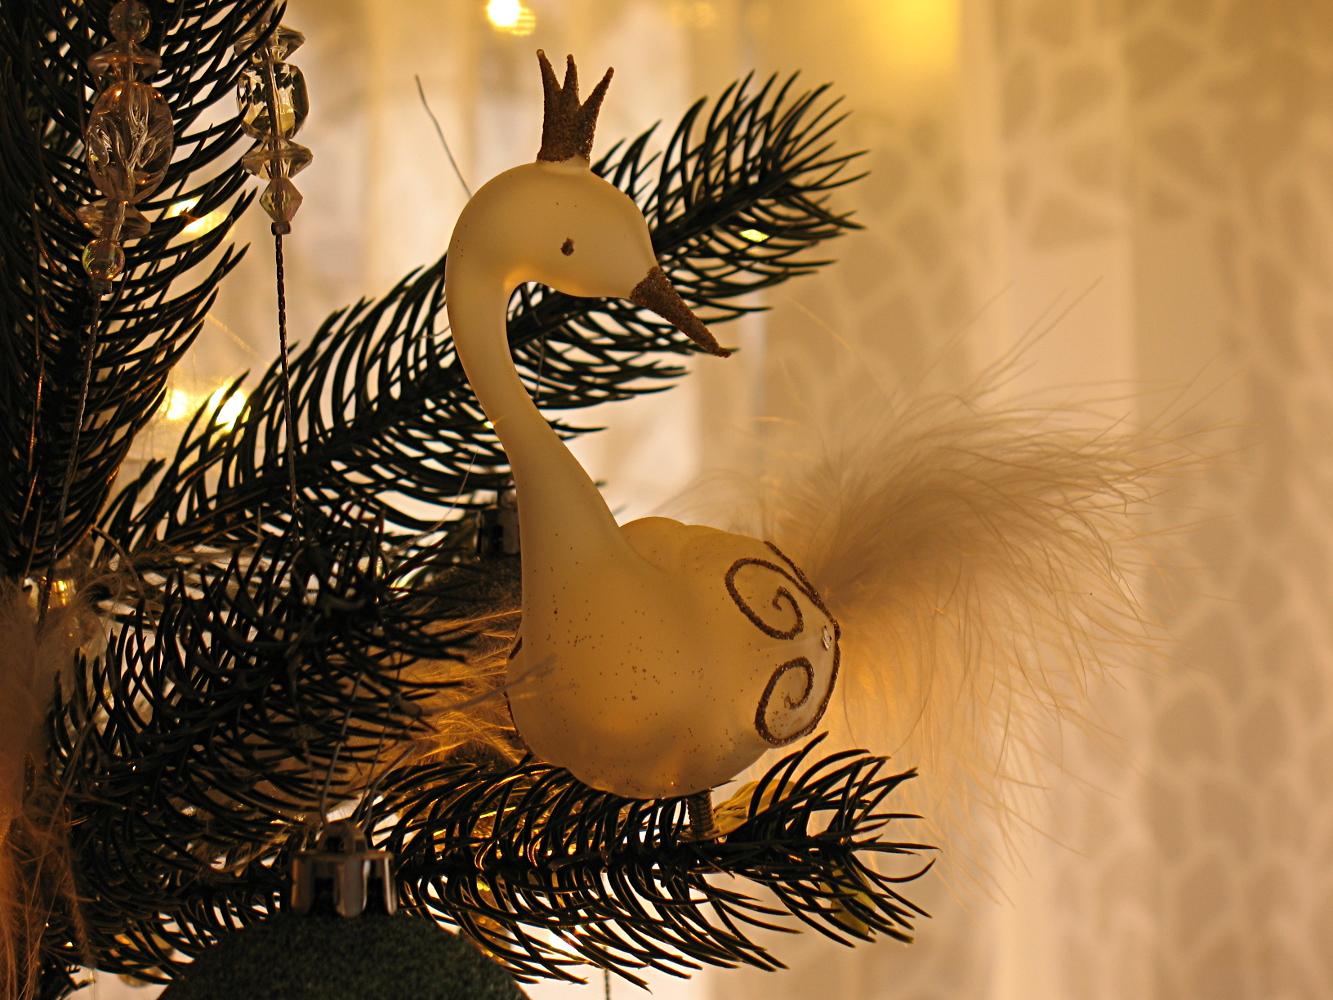 Decorating My Home: DMH: Der Weihnachtsbaum